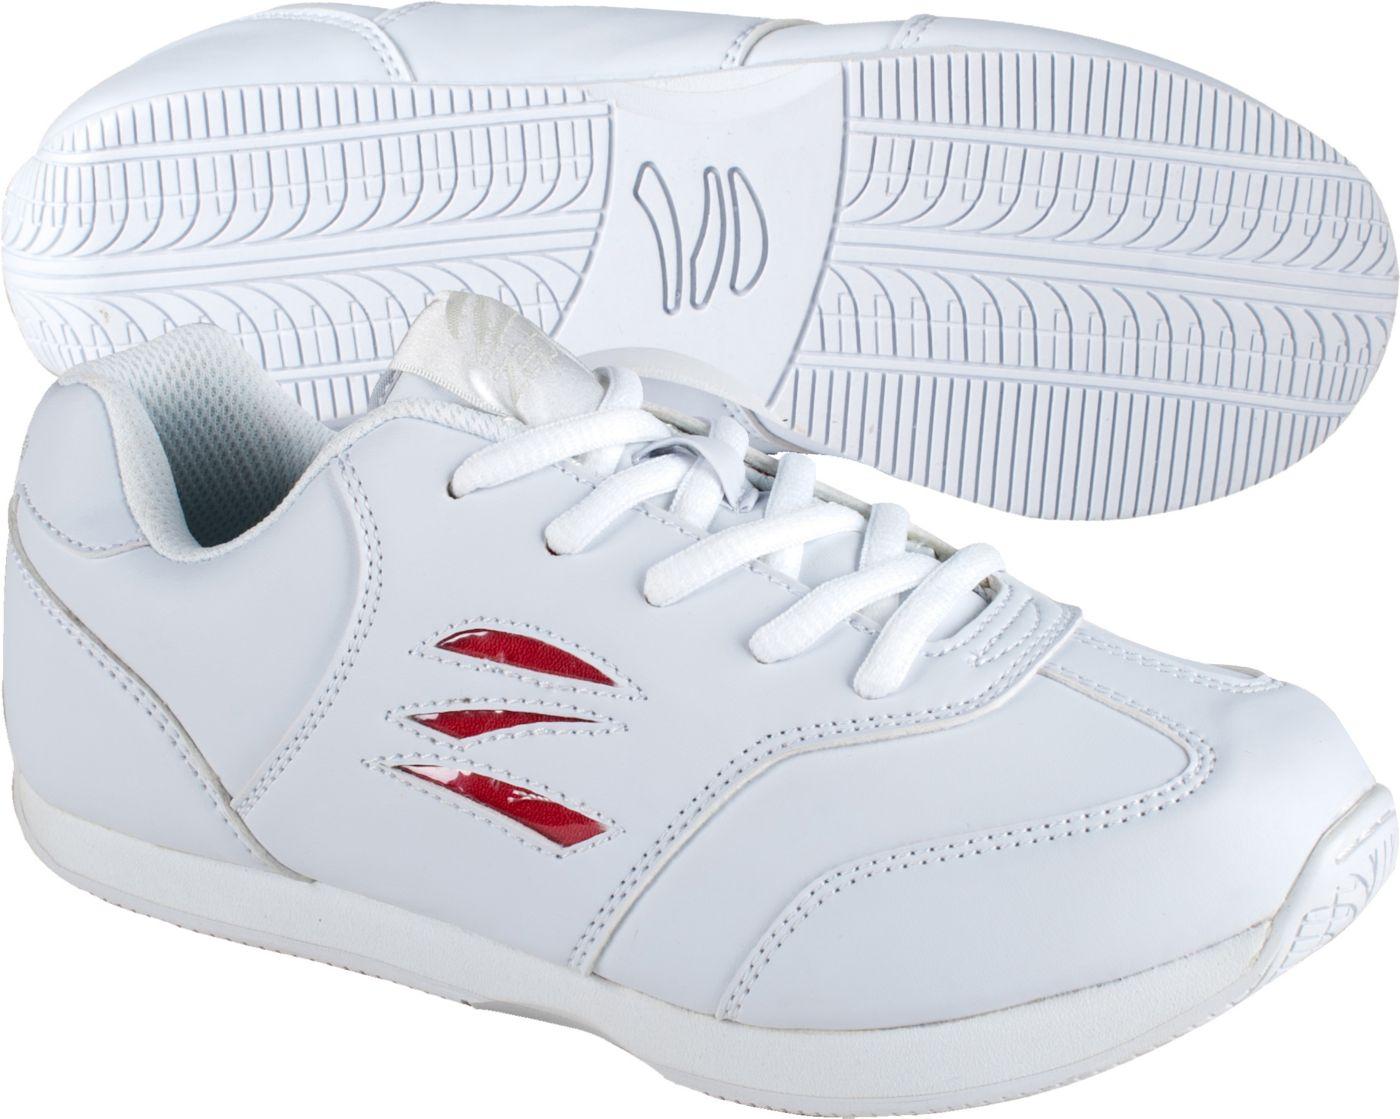 zephz Women's Butterfly 2.0 Cheerleading Shoes